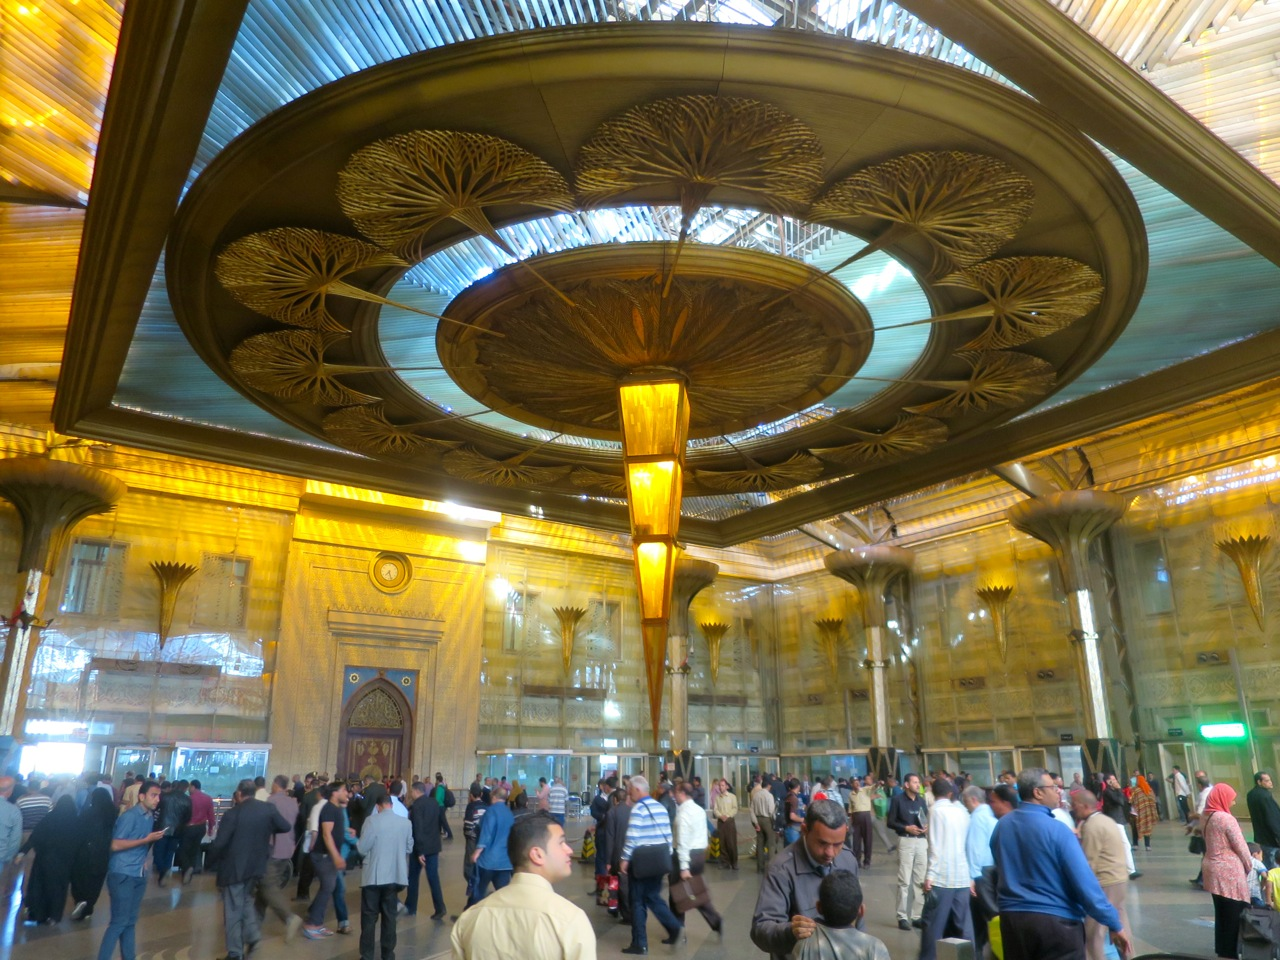 Trem no Egito 1-05